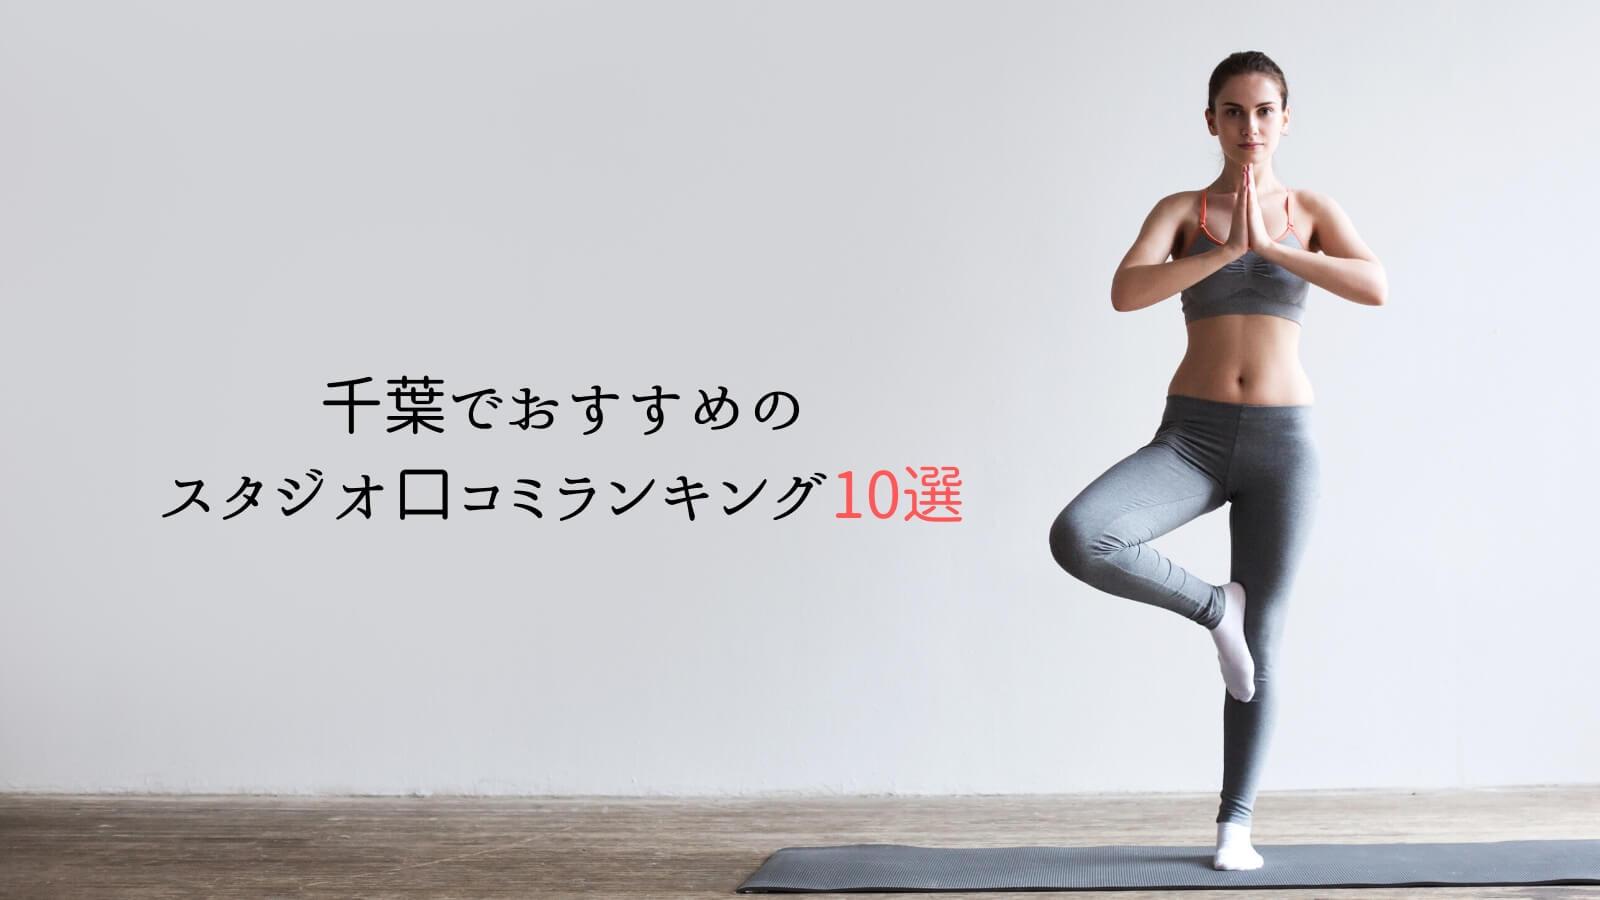 千葉でおすすめのヨガ・ホットヨガスタジオ口コミランキング10選